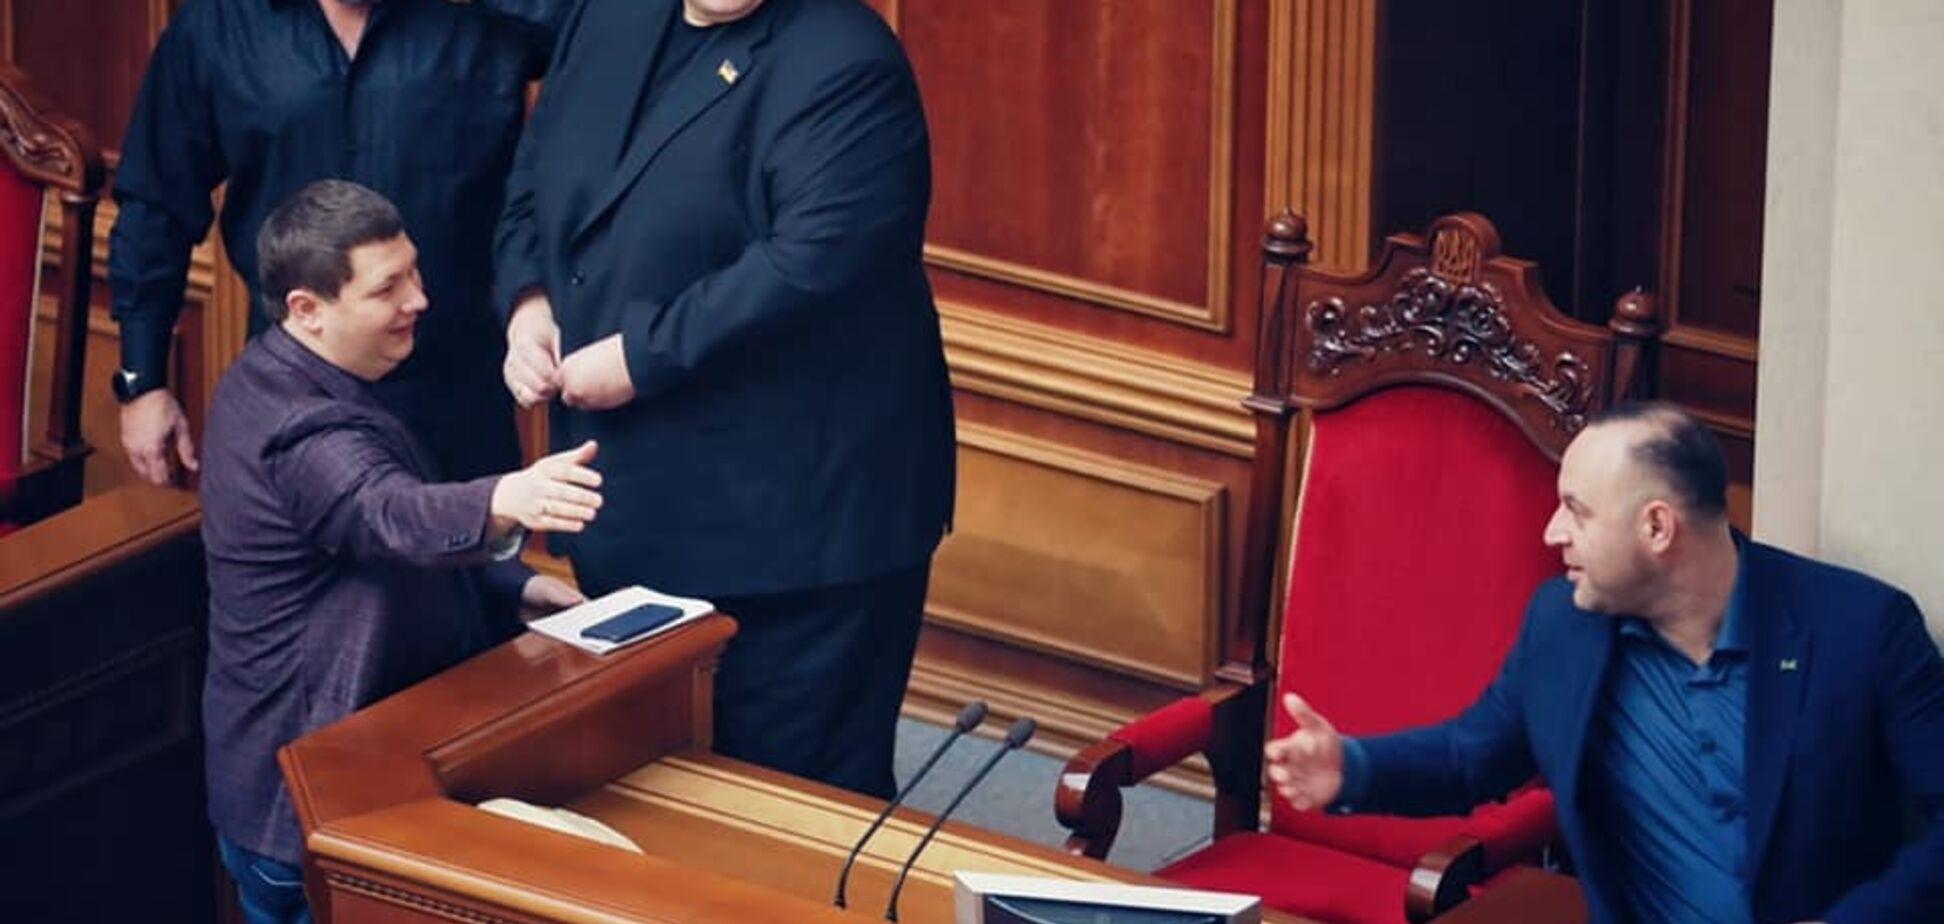 Юзик охраняет кресло Зеленского: опубликовано курьезное фото из Рады